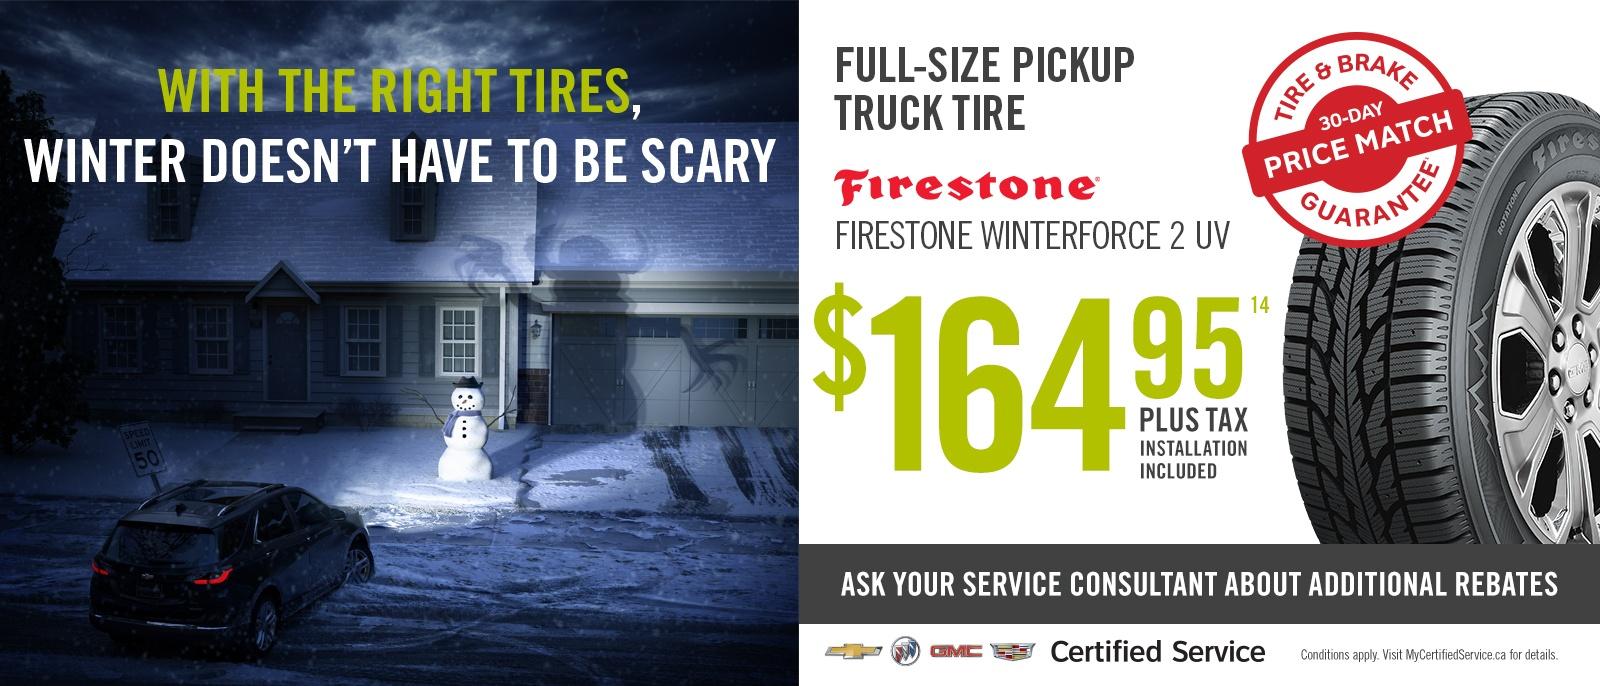 Full-Size Truck Tires